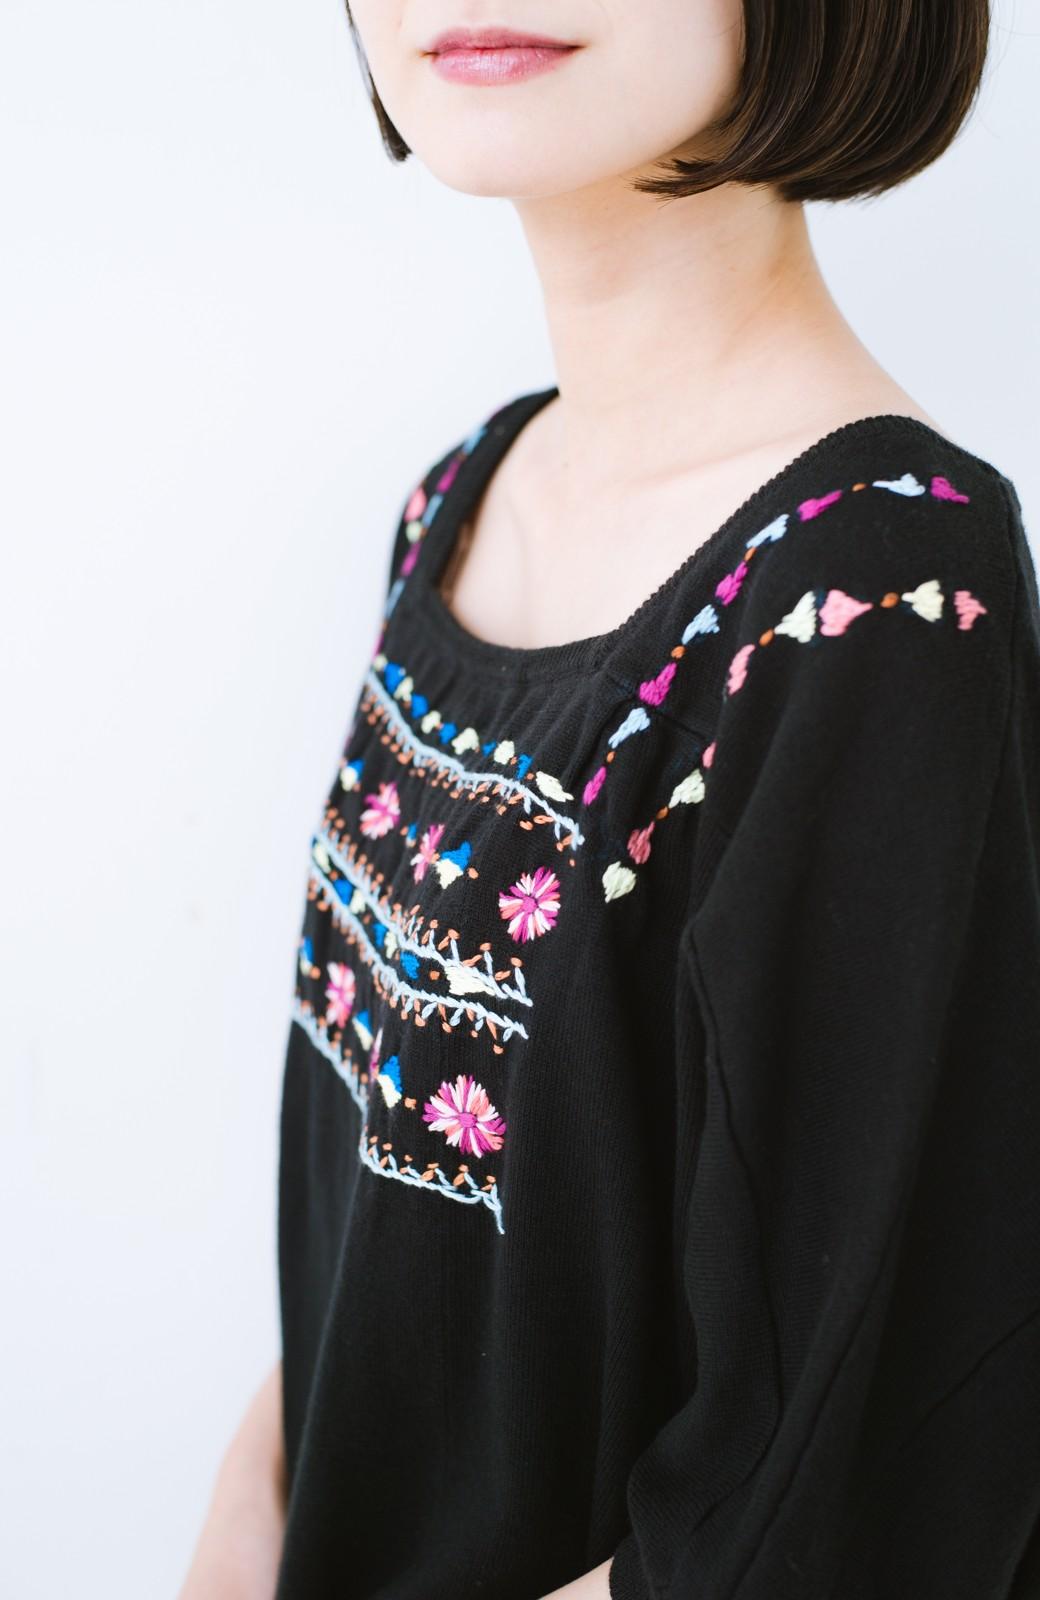 haco! Stitch by Stitch 首回りがきれいに見える色とりどりの刺繍のスクエアニット <ブラック>の商品写真5